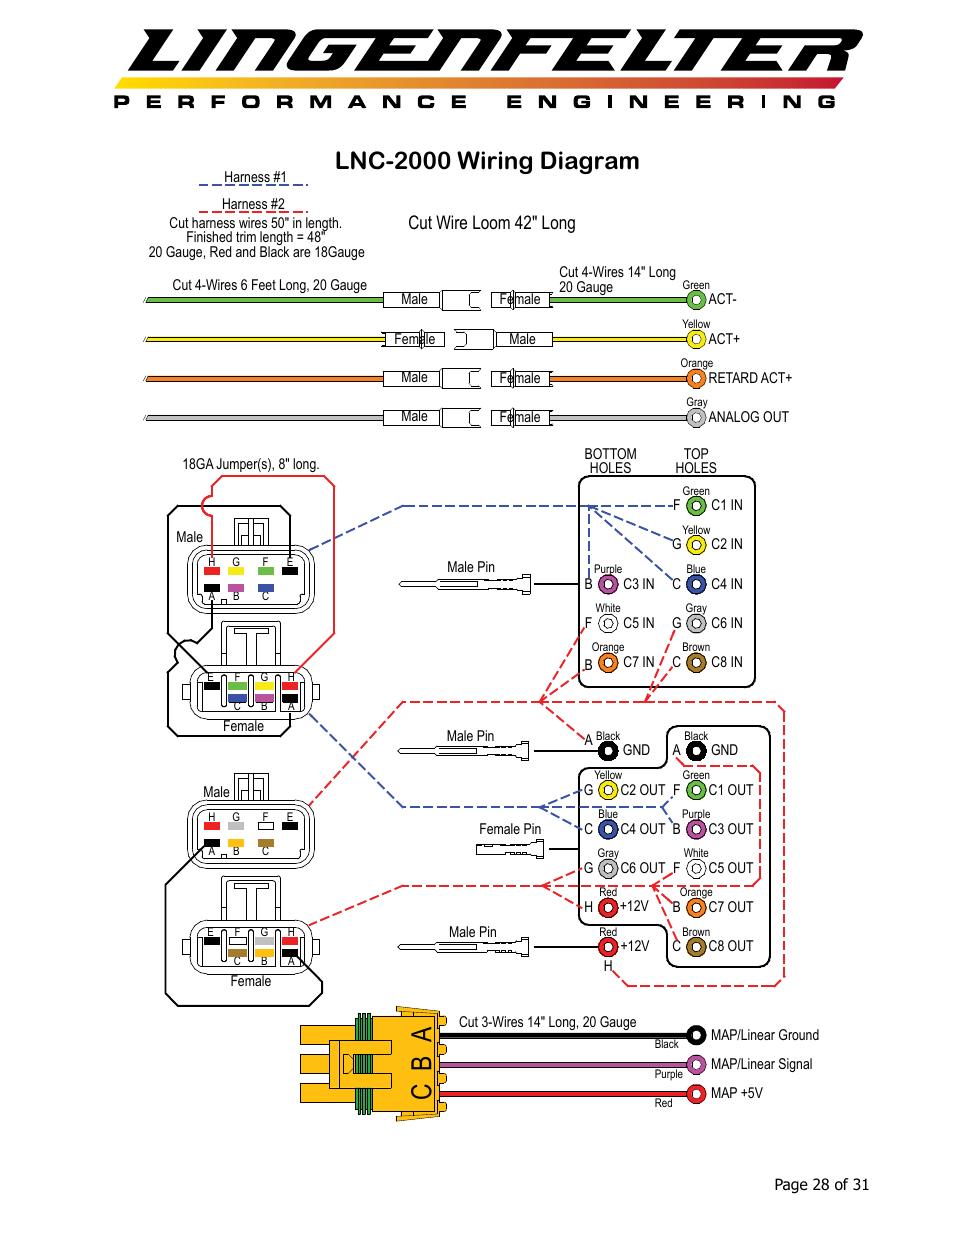 Ab c  Lnc2000    wiring       diagram     Cut wire loom 42  long